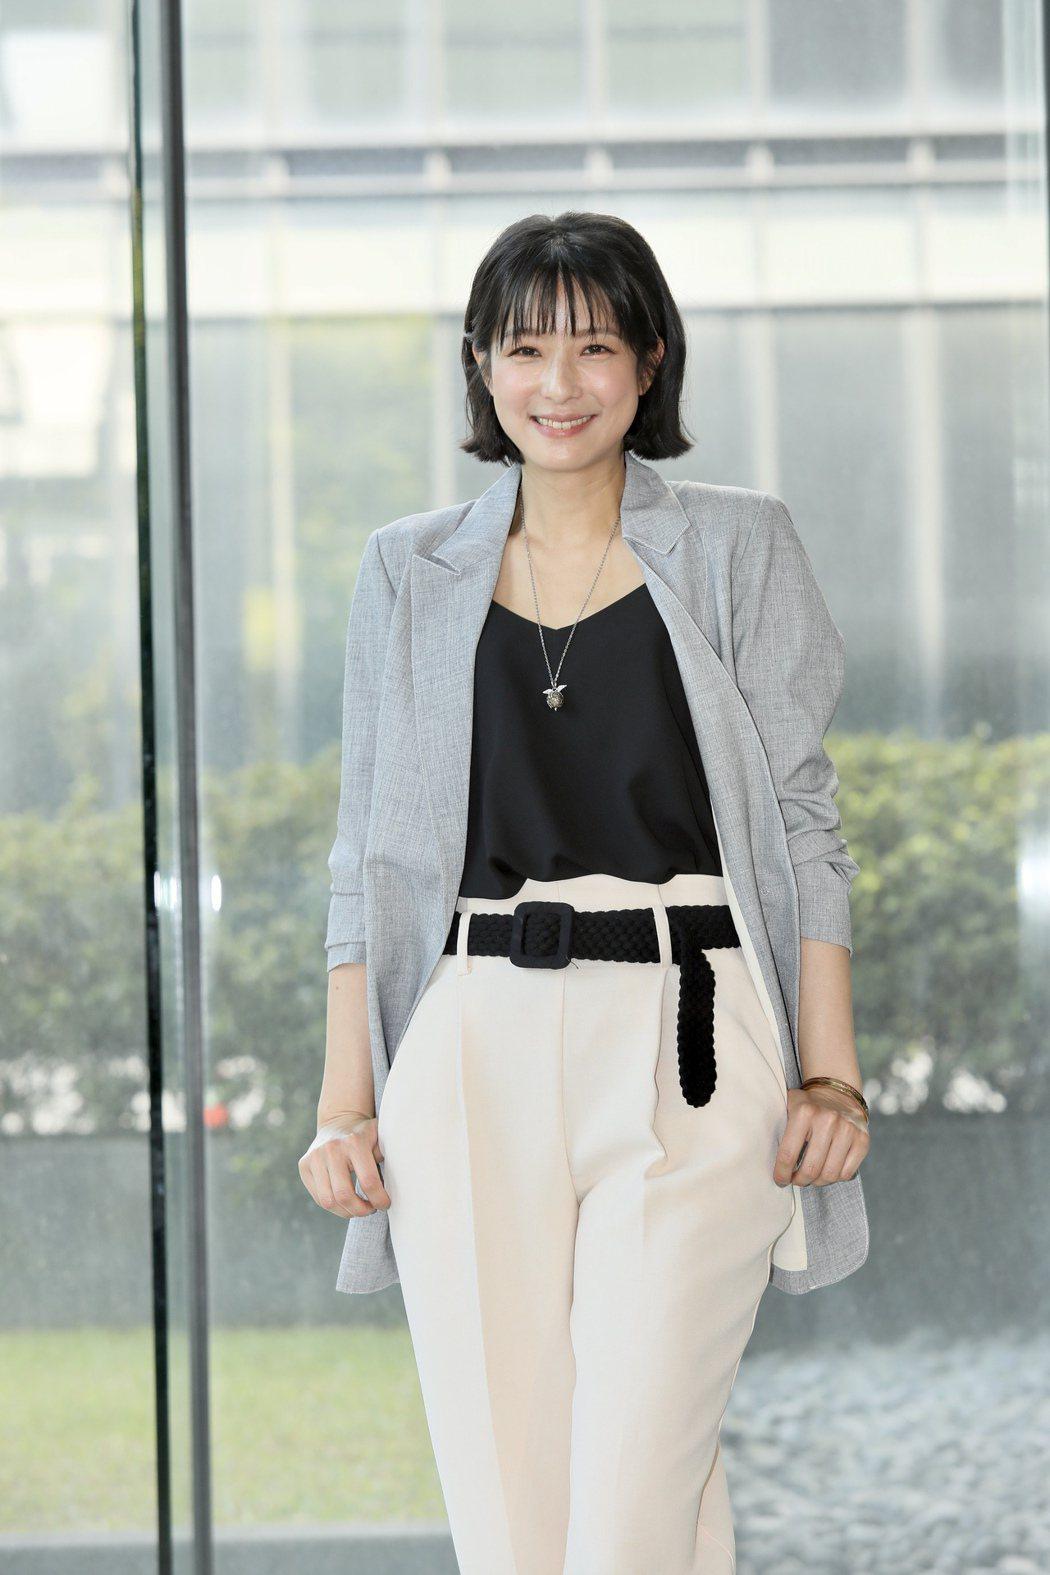 賴雅妍出席三立《三隻小豬的逆襲》第一波卡司發布。記者李政龍/攝影